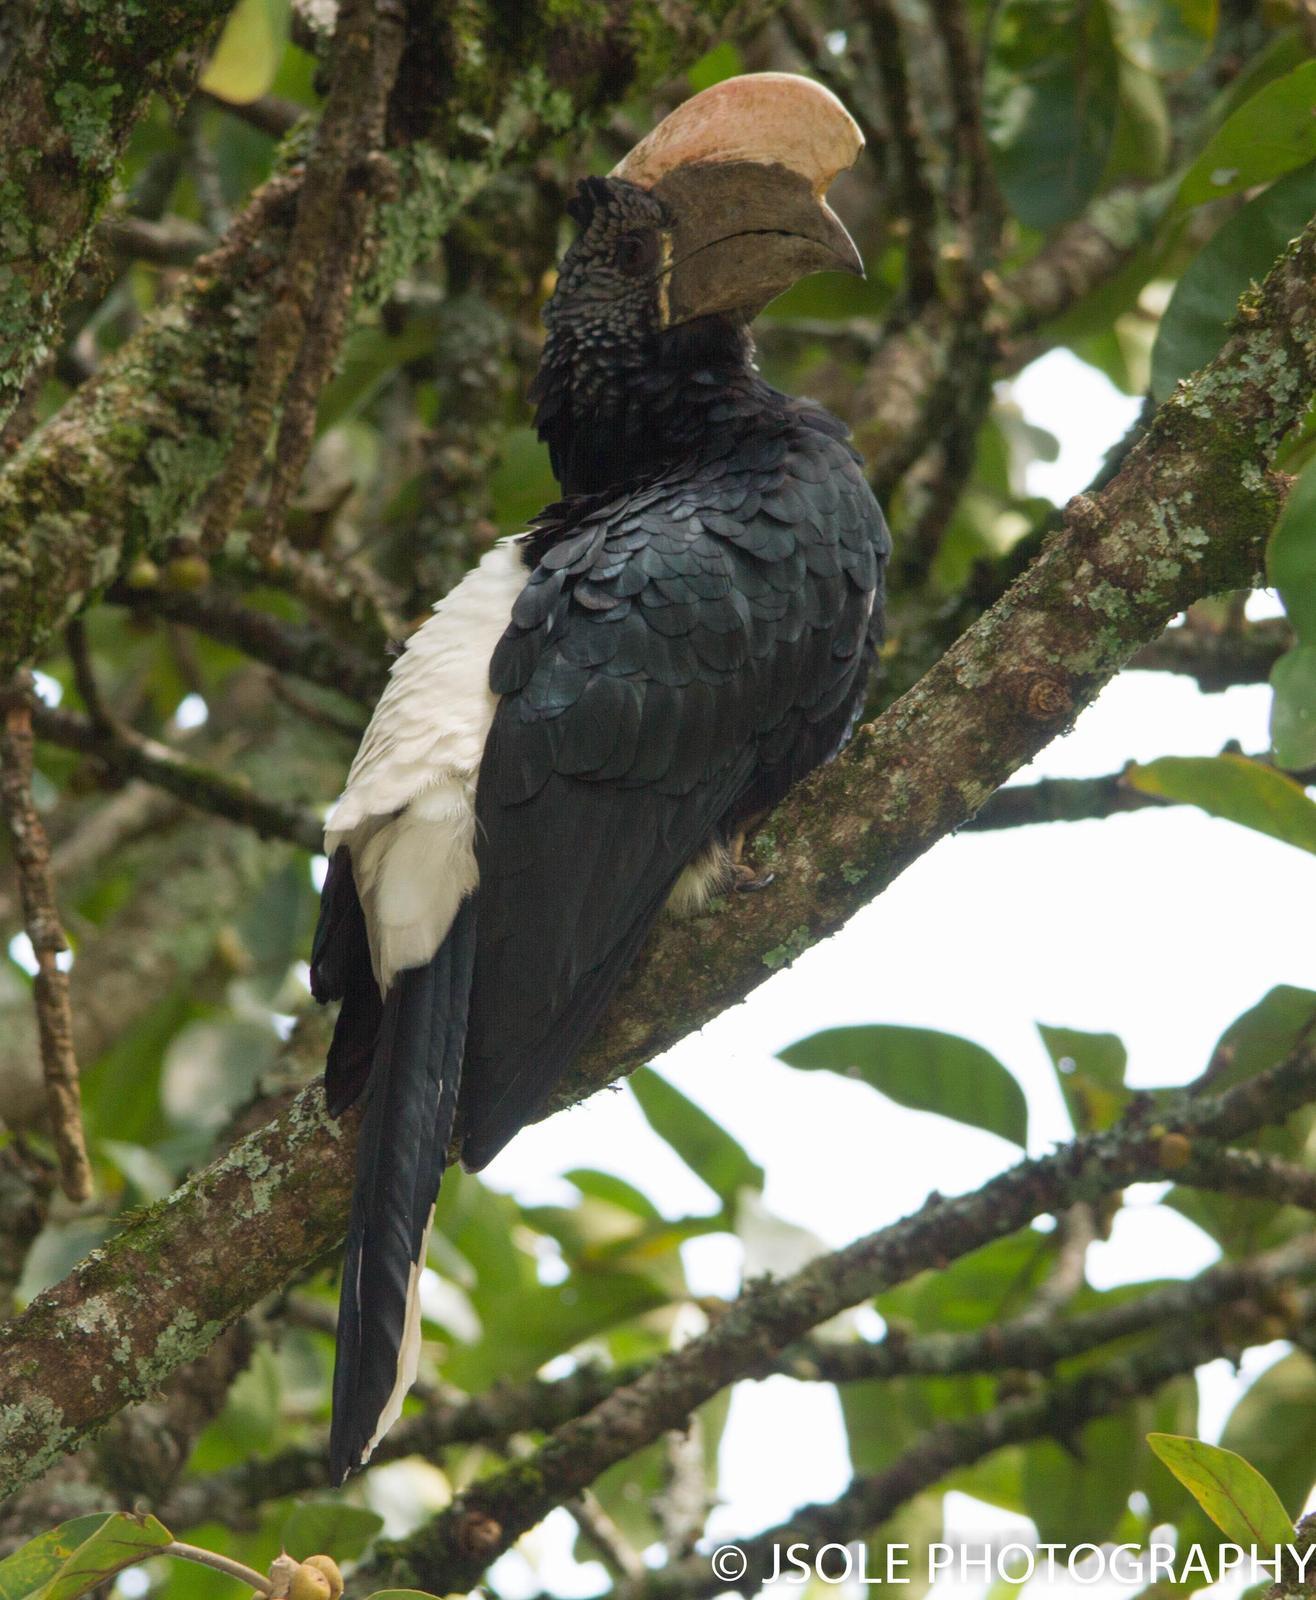 Silvery-cheeked Hornbill Photo by Jeffery Sole